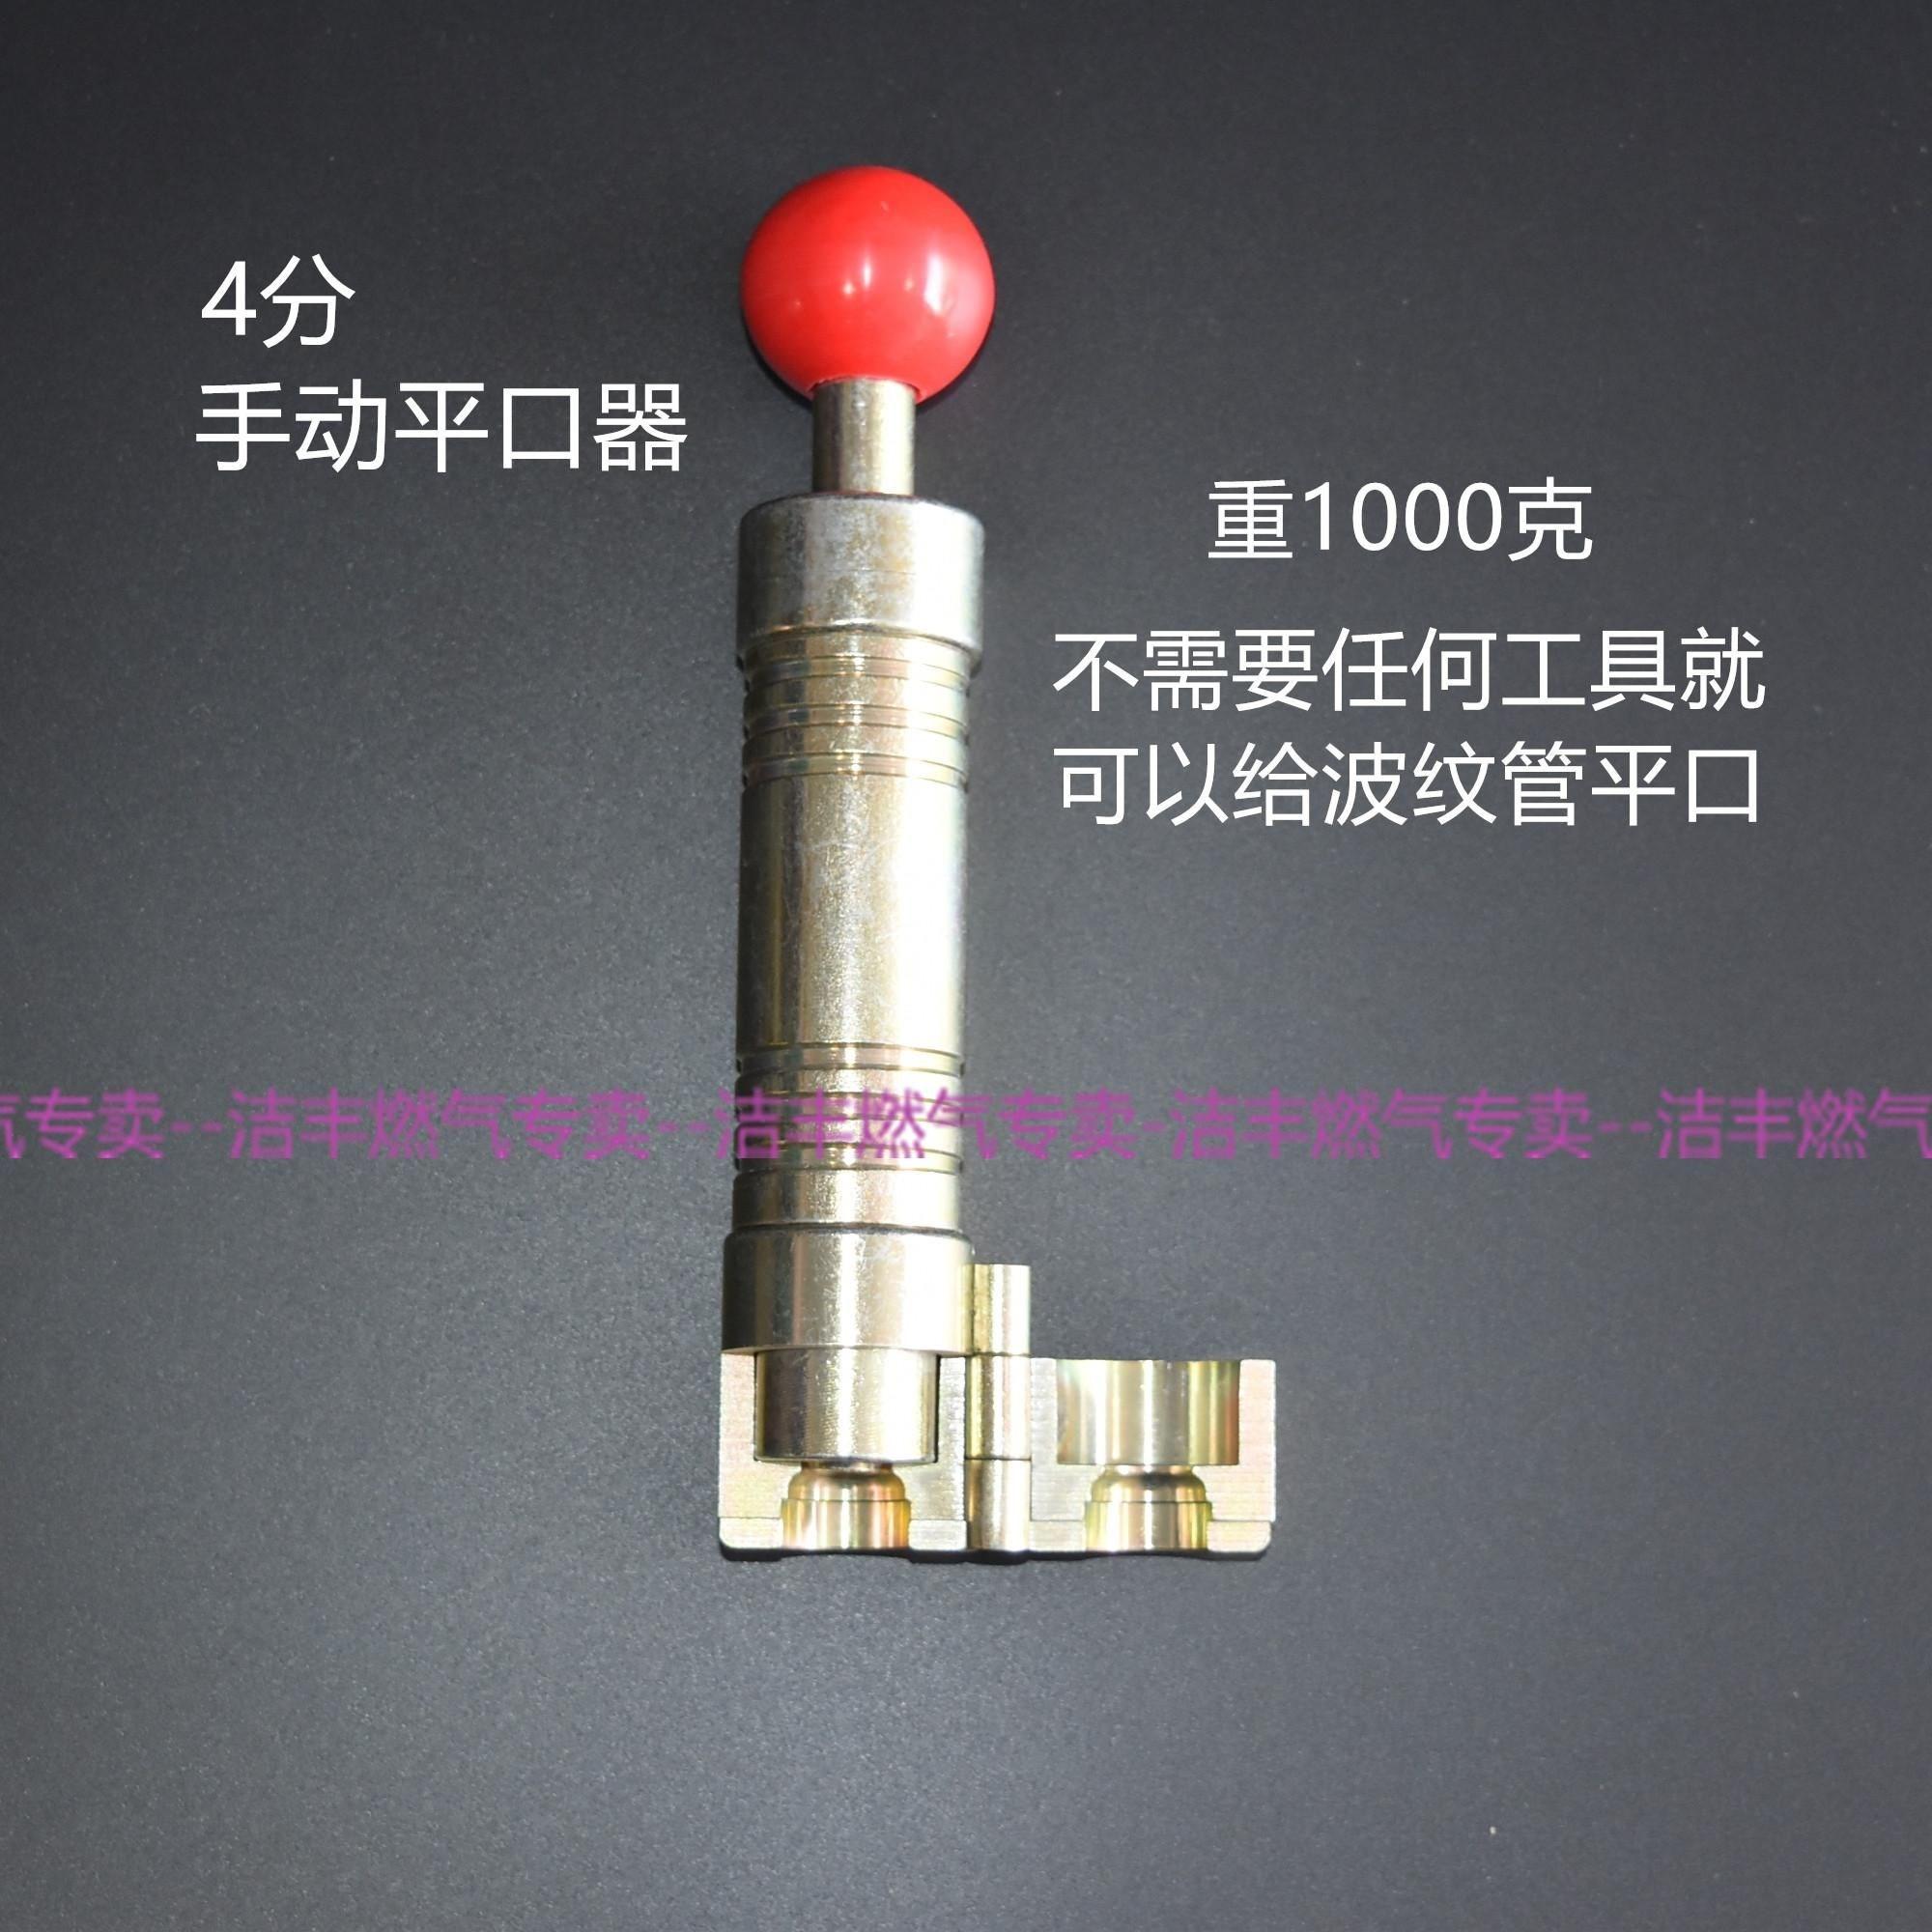 El paquete postal 3 puntos 4 puntos de 6 puntos 22mm16.8mm herramienta libre de fuelle a Onda plana libre de martillo y morir